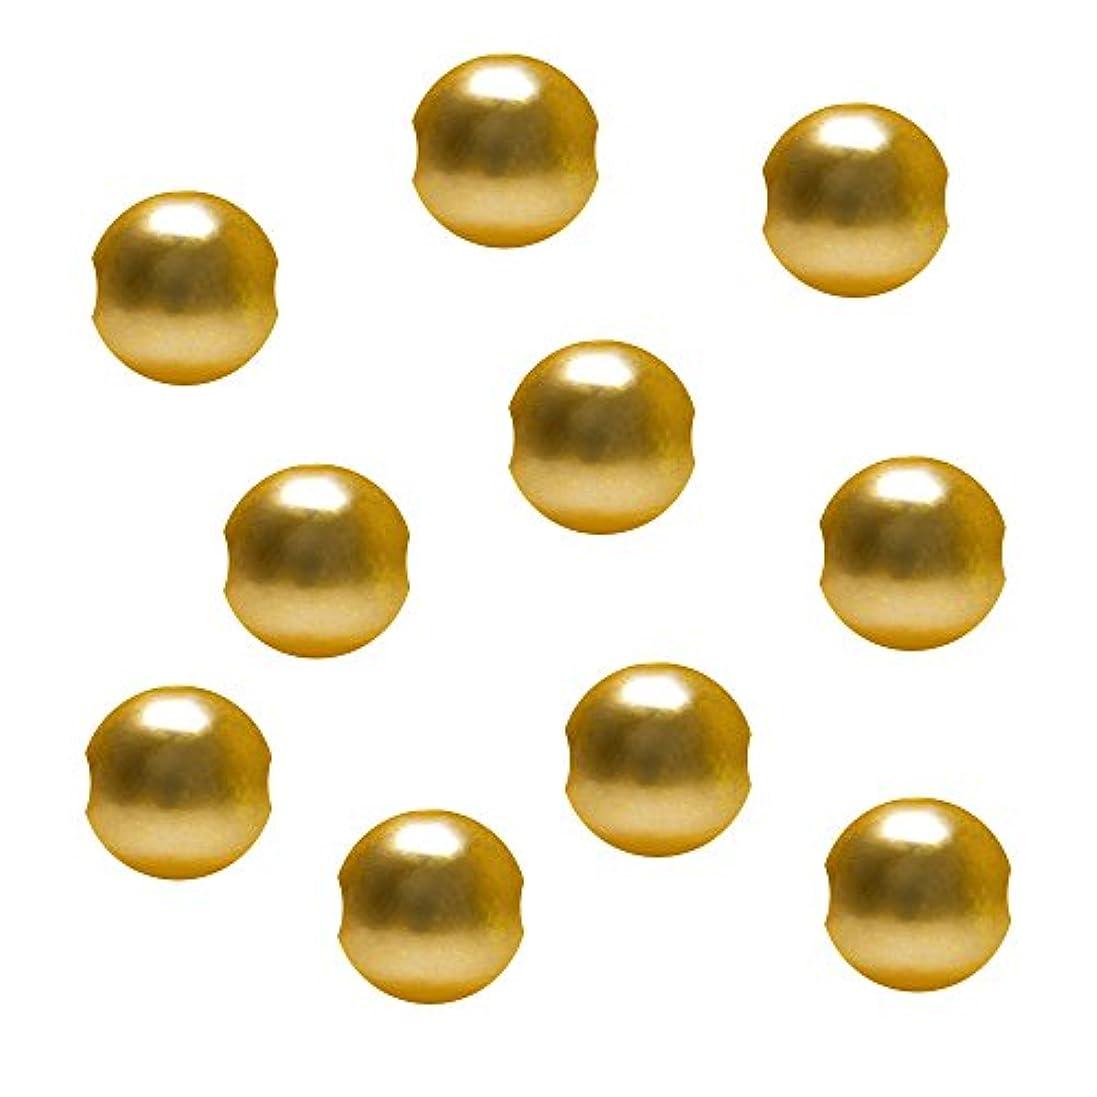 上にの量熱望するジェルネイル  サンシャインベビー ジュエリーボールゴールド穴あり6mm